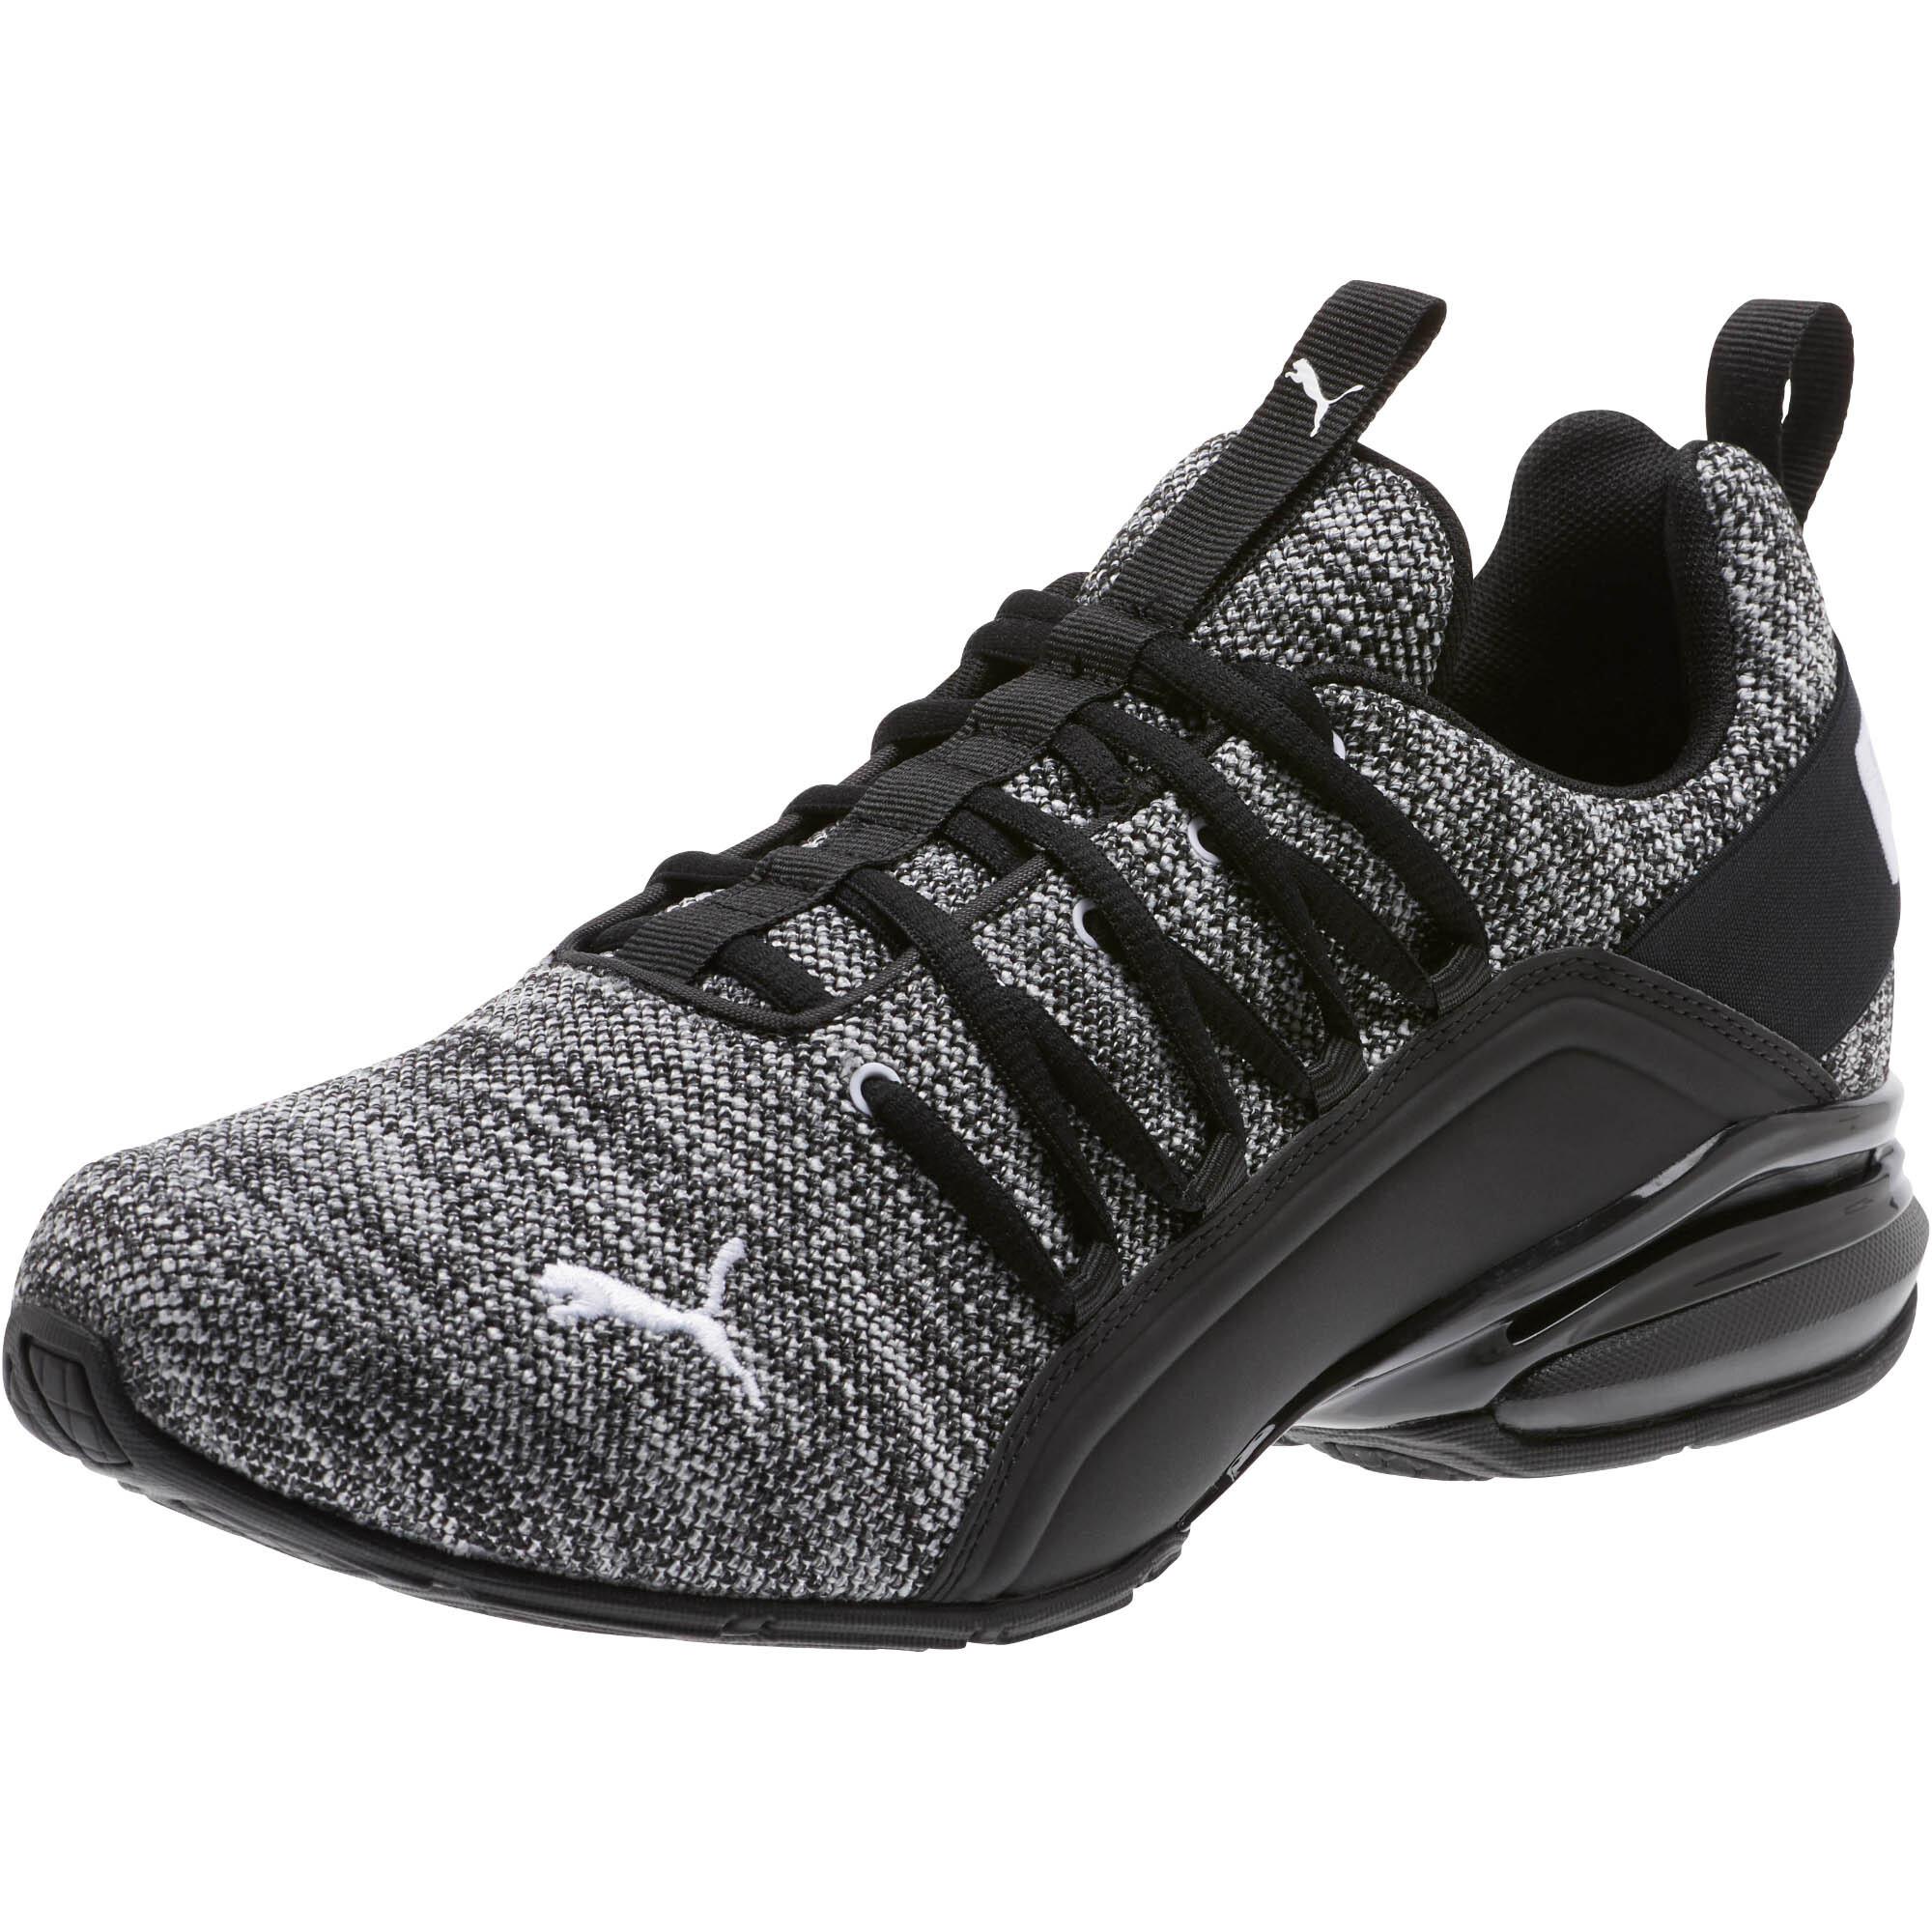 PUMA-Axelion-Wide-Men-039-s-Training-Shoes-Men-Shoe-Running miniatura 4